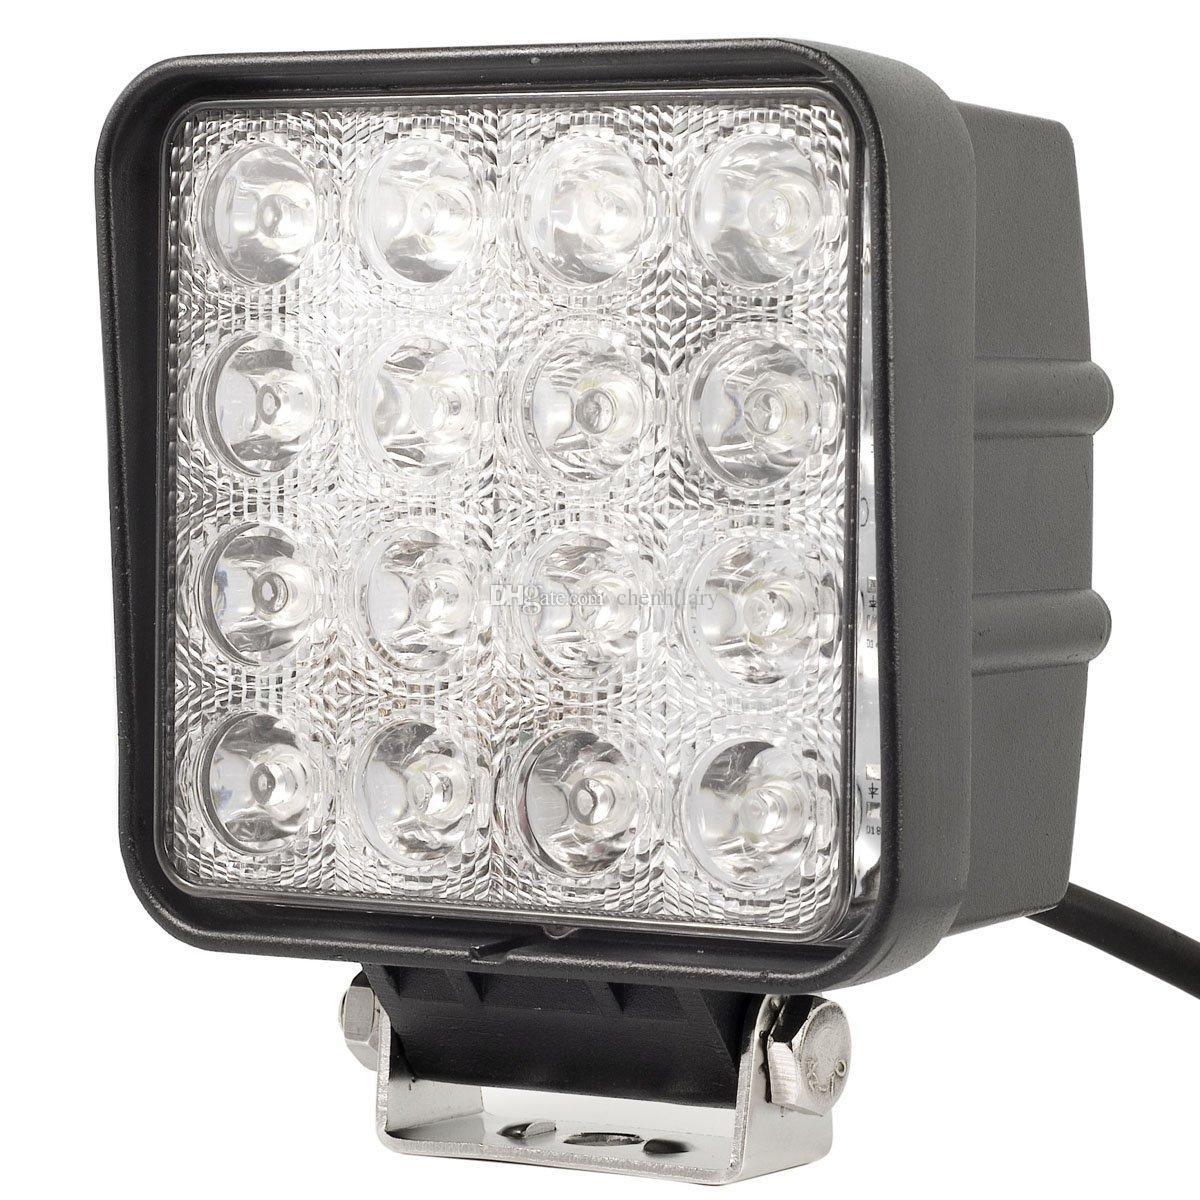 Promozione promozionale! Luce di lavoro da 4,5 pollici 48W LED luce di lavoro 12V 24V fascio LED Spot auto fuoristrada Luci di lavoro LED camion